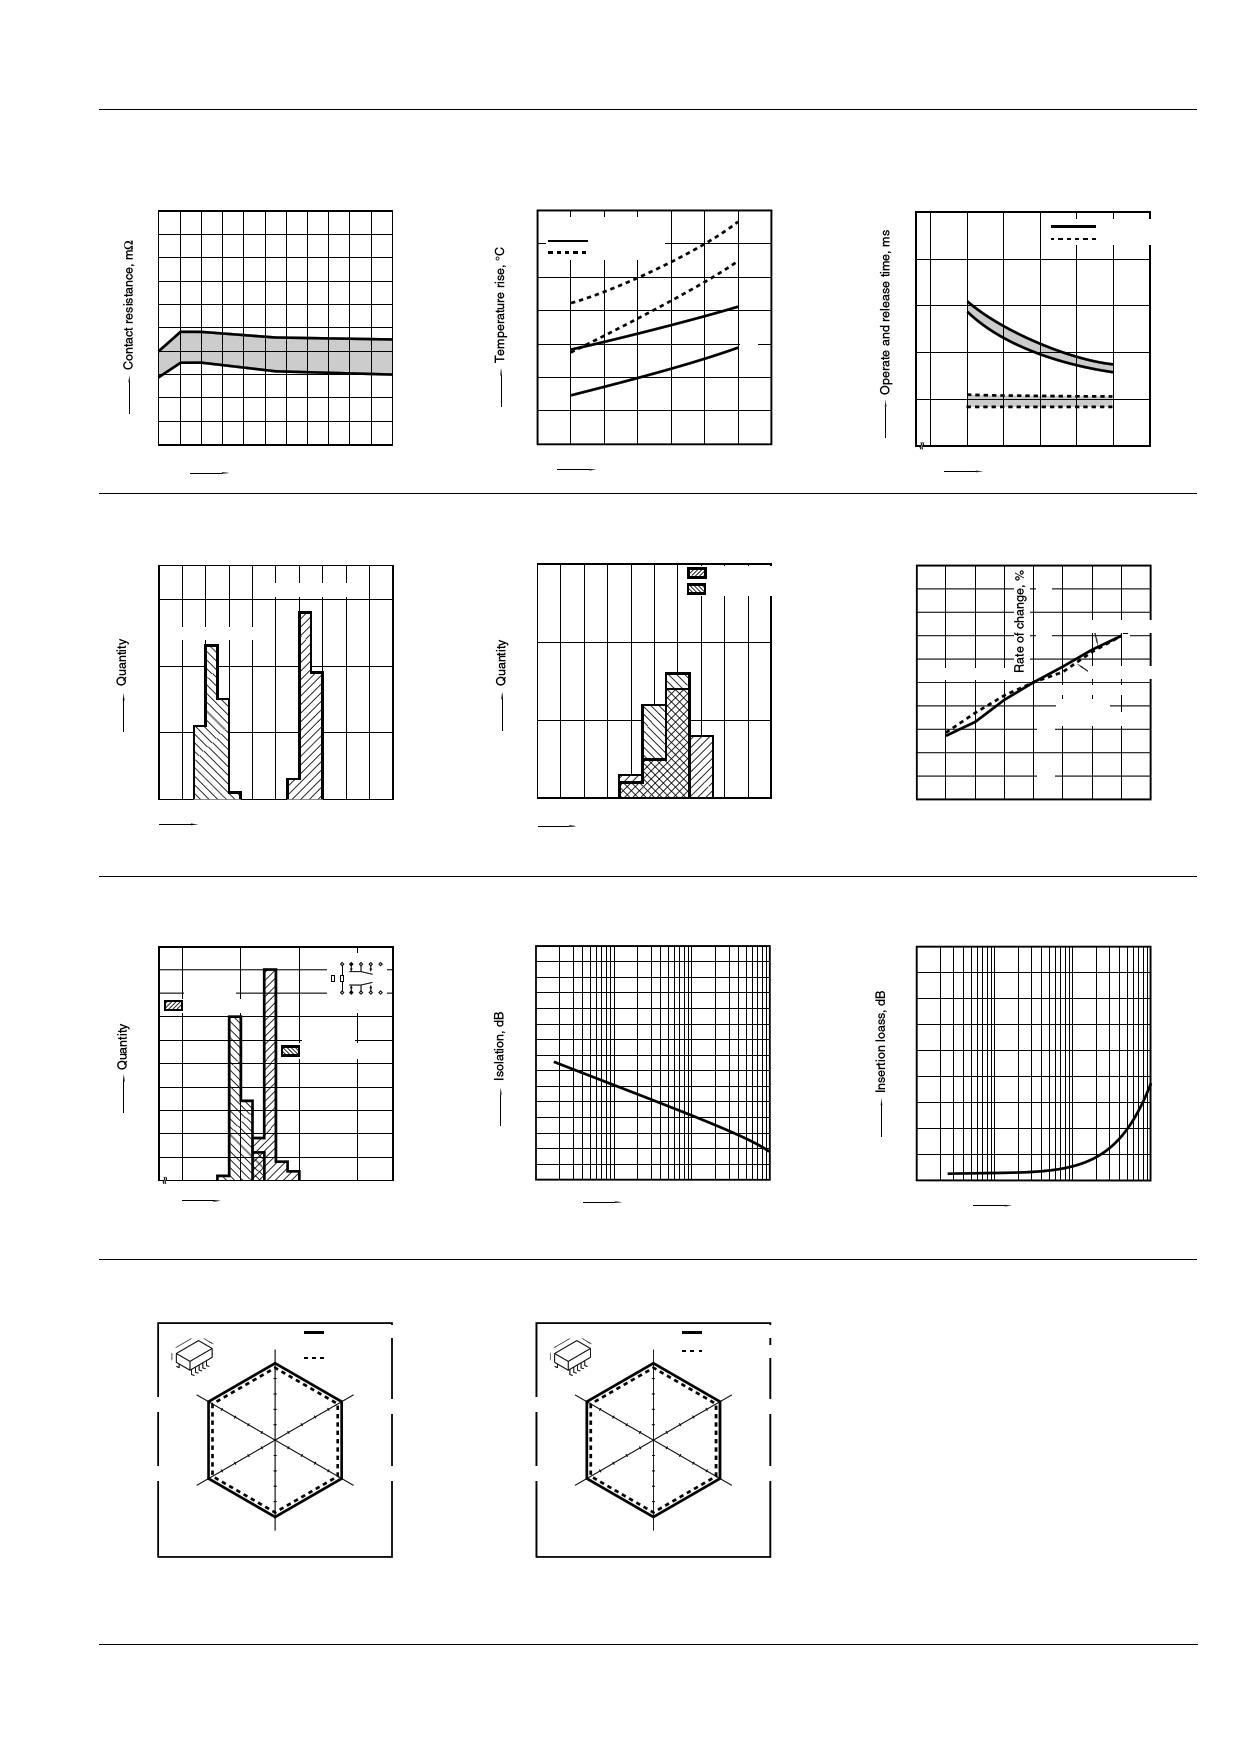 TQ2SS-48V pdf, 반도체, 판매, 대치품